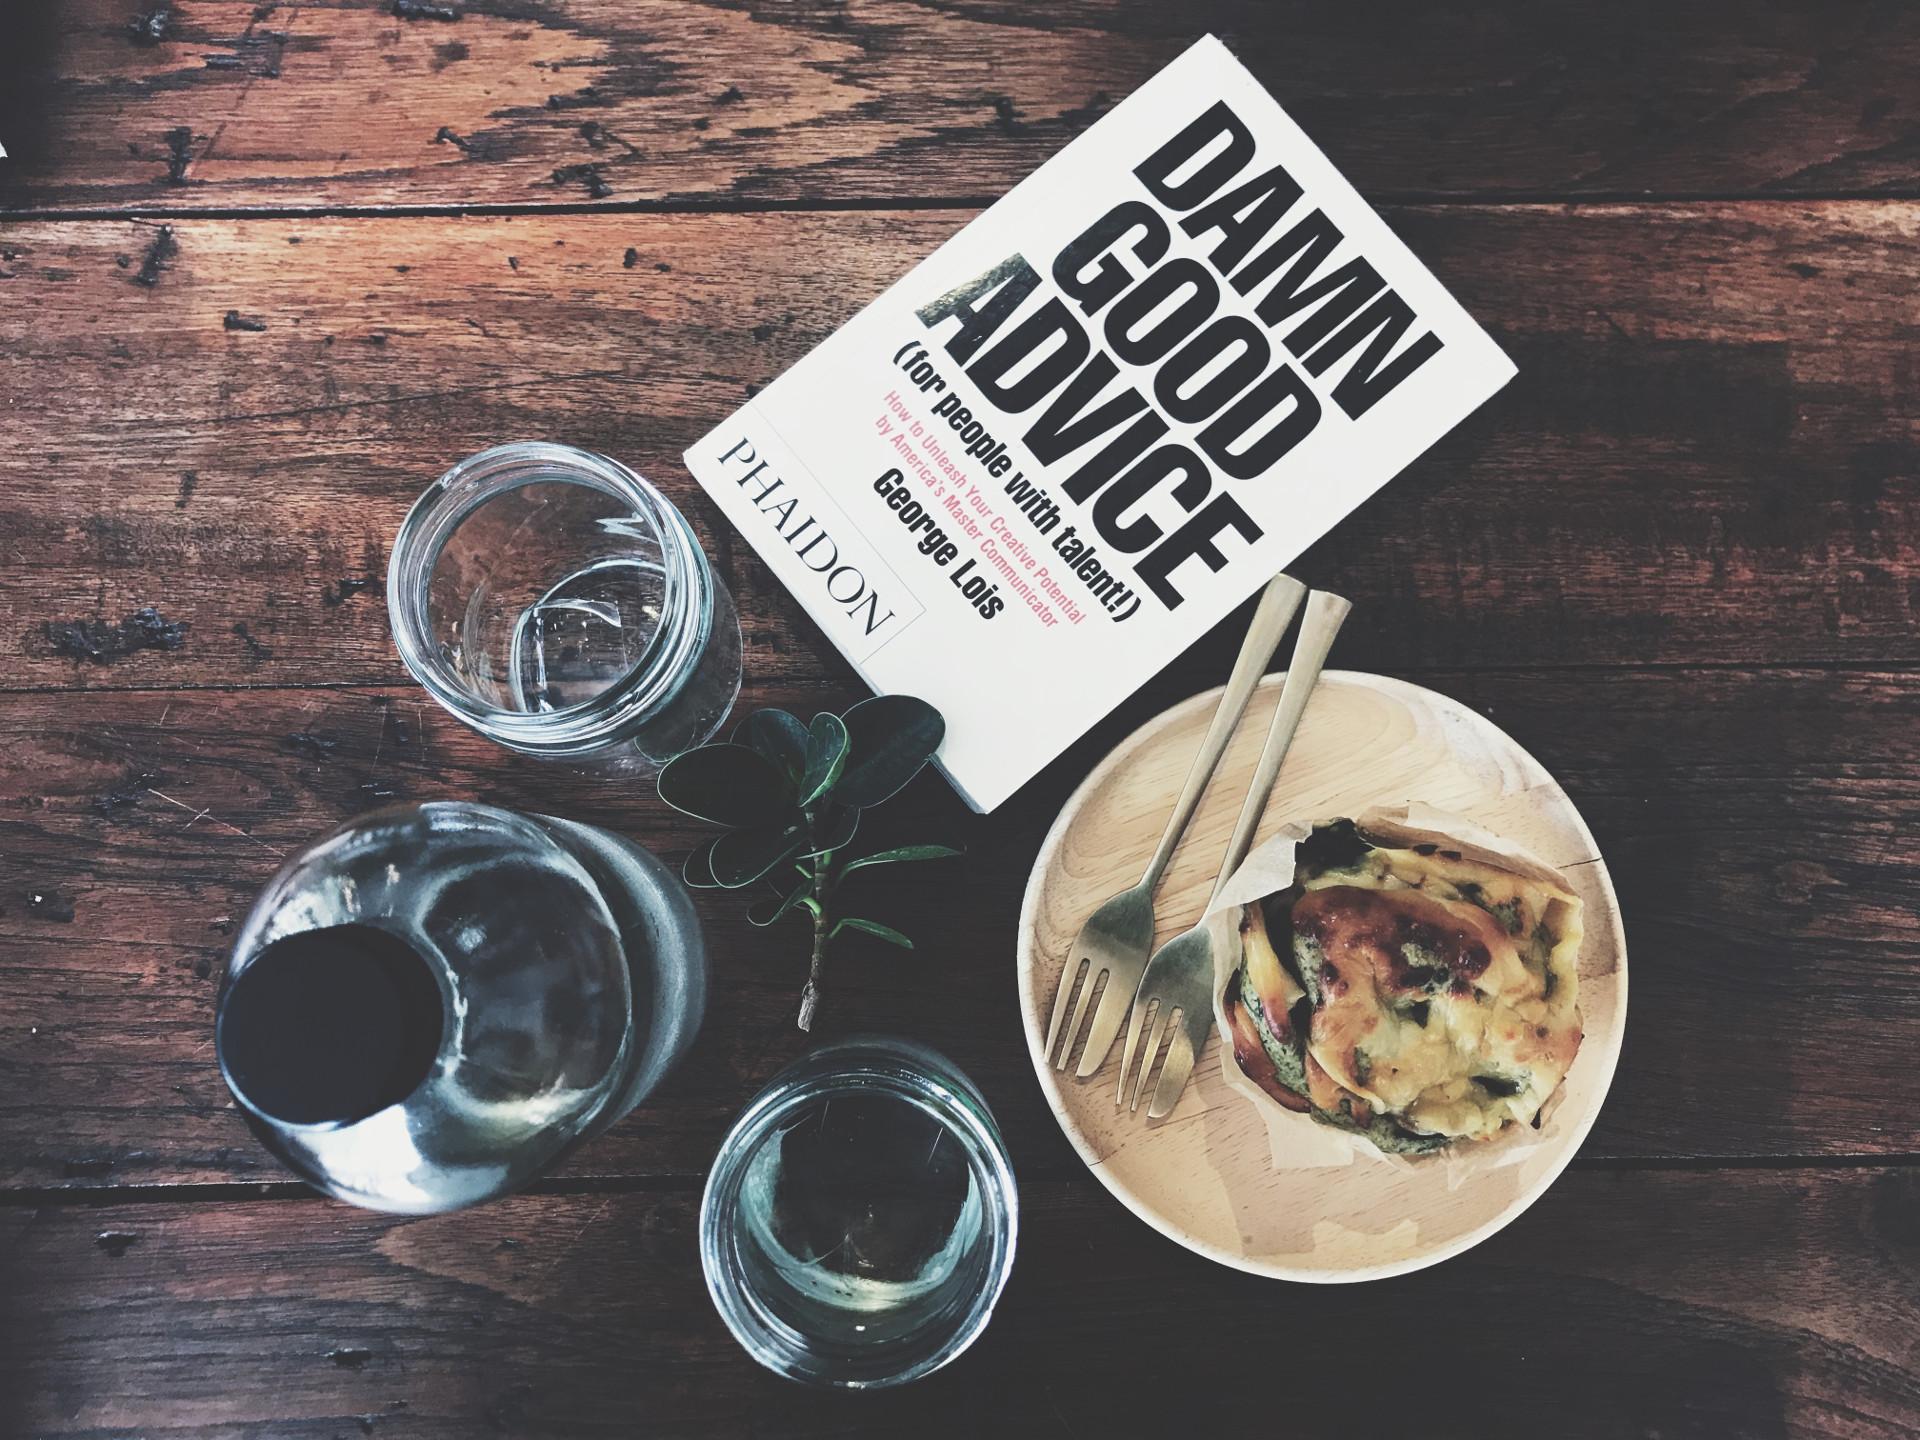 Книга със съвети, чаши и чиния